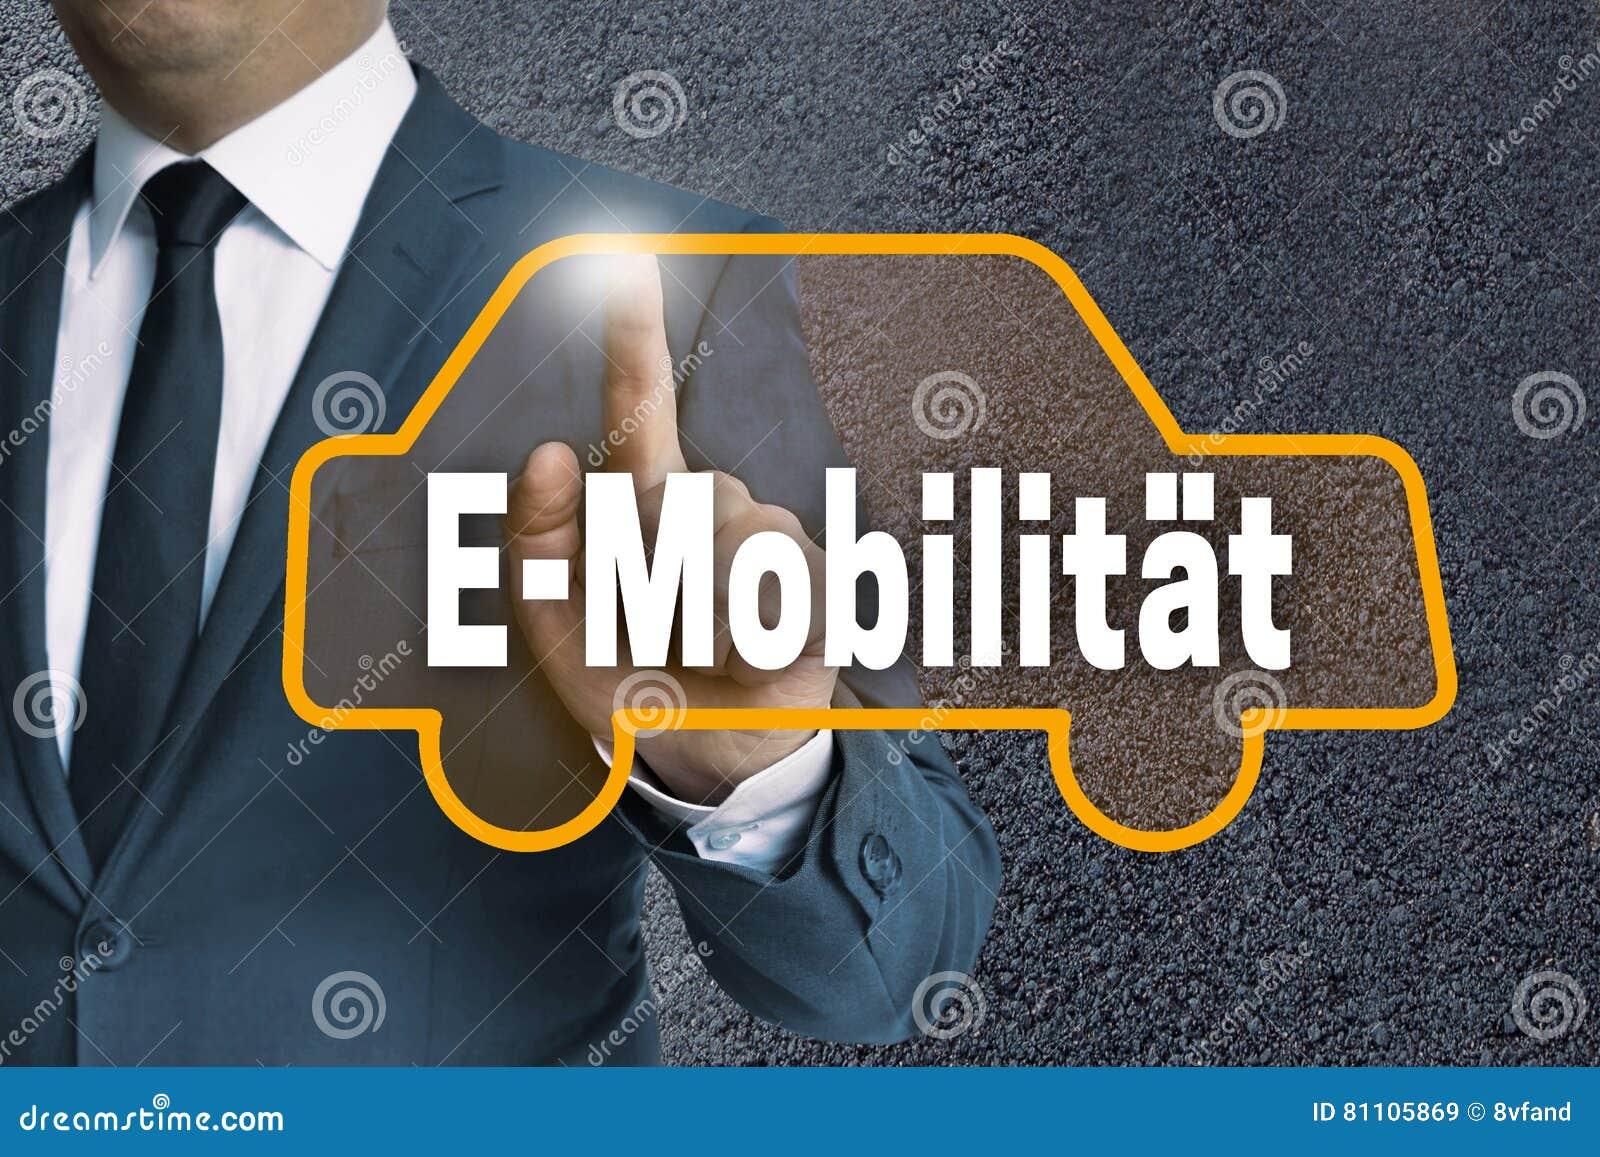 E-Mobilitaet w niemieckim ruchliwość ekranie sensorowym pokazuje busi